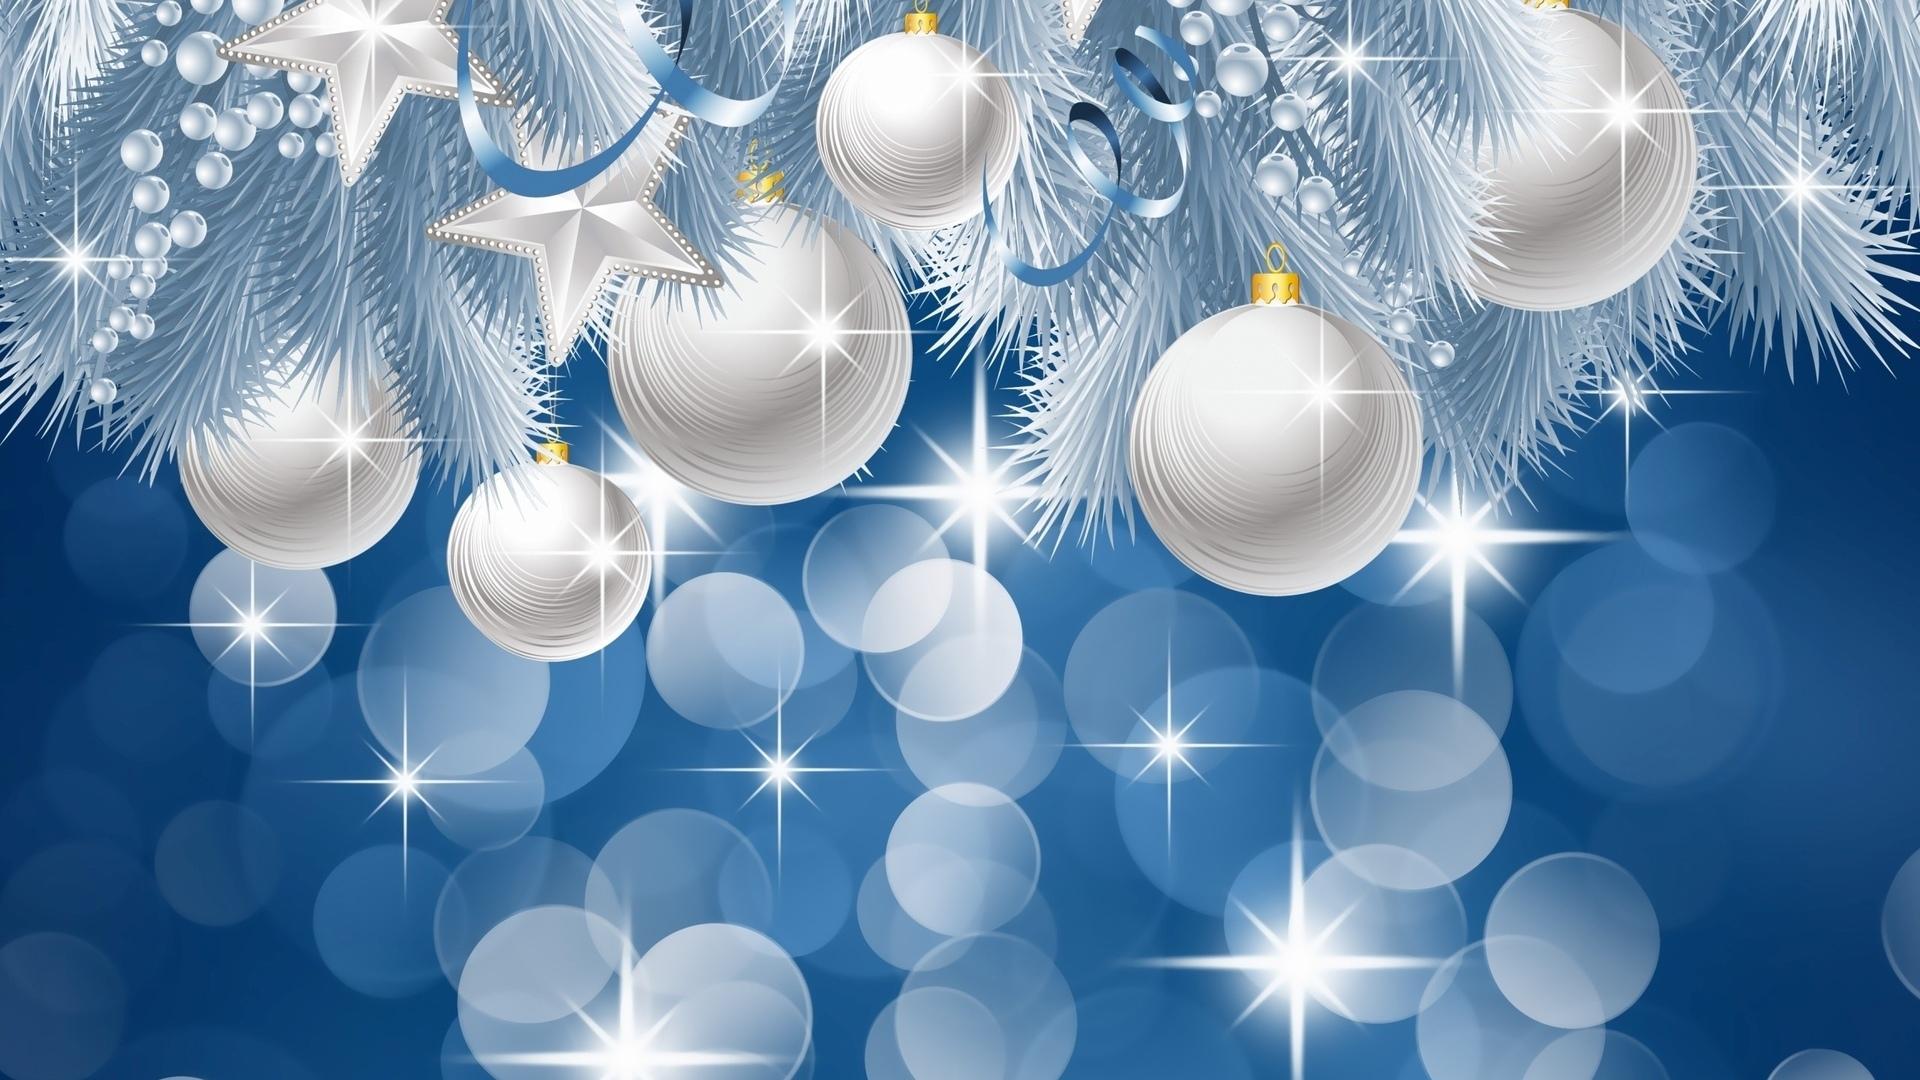 16051 скачать обои Фон, Новый Год (New Year), Рождество (Christmas, Xmas) - заставки и картинки бесплатно